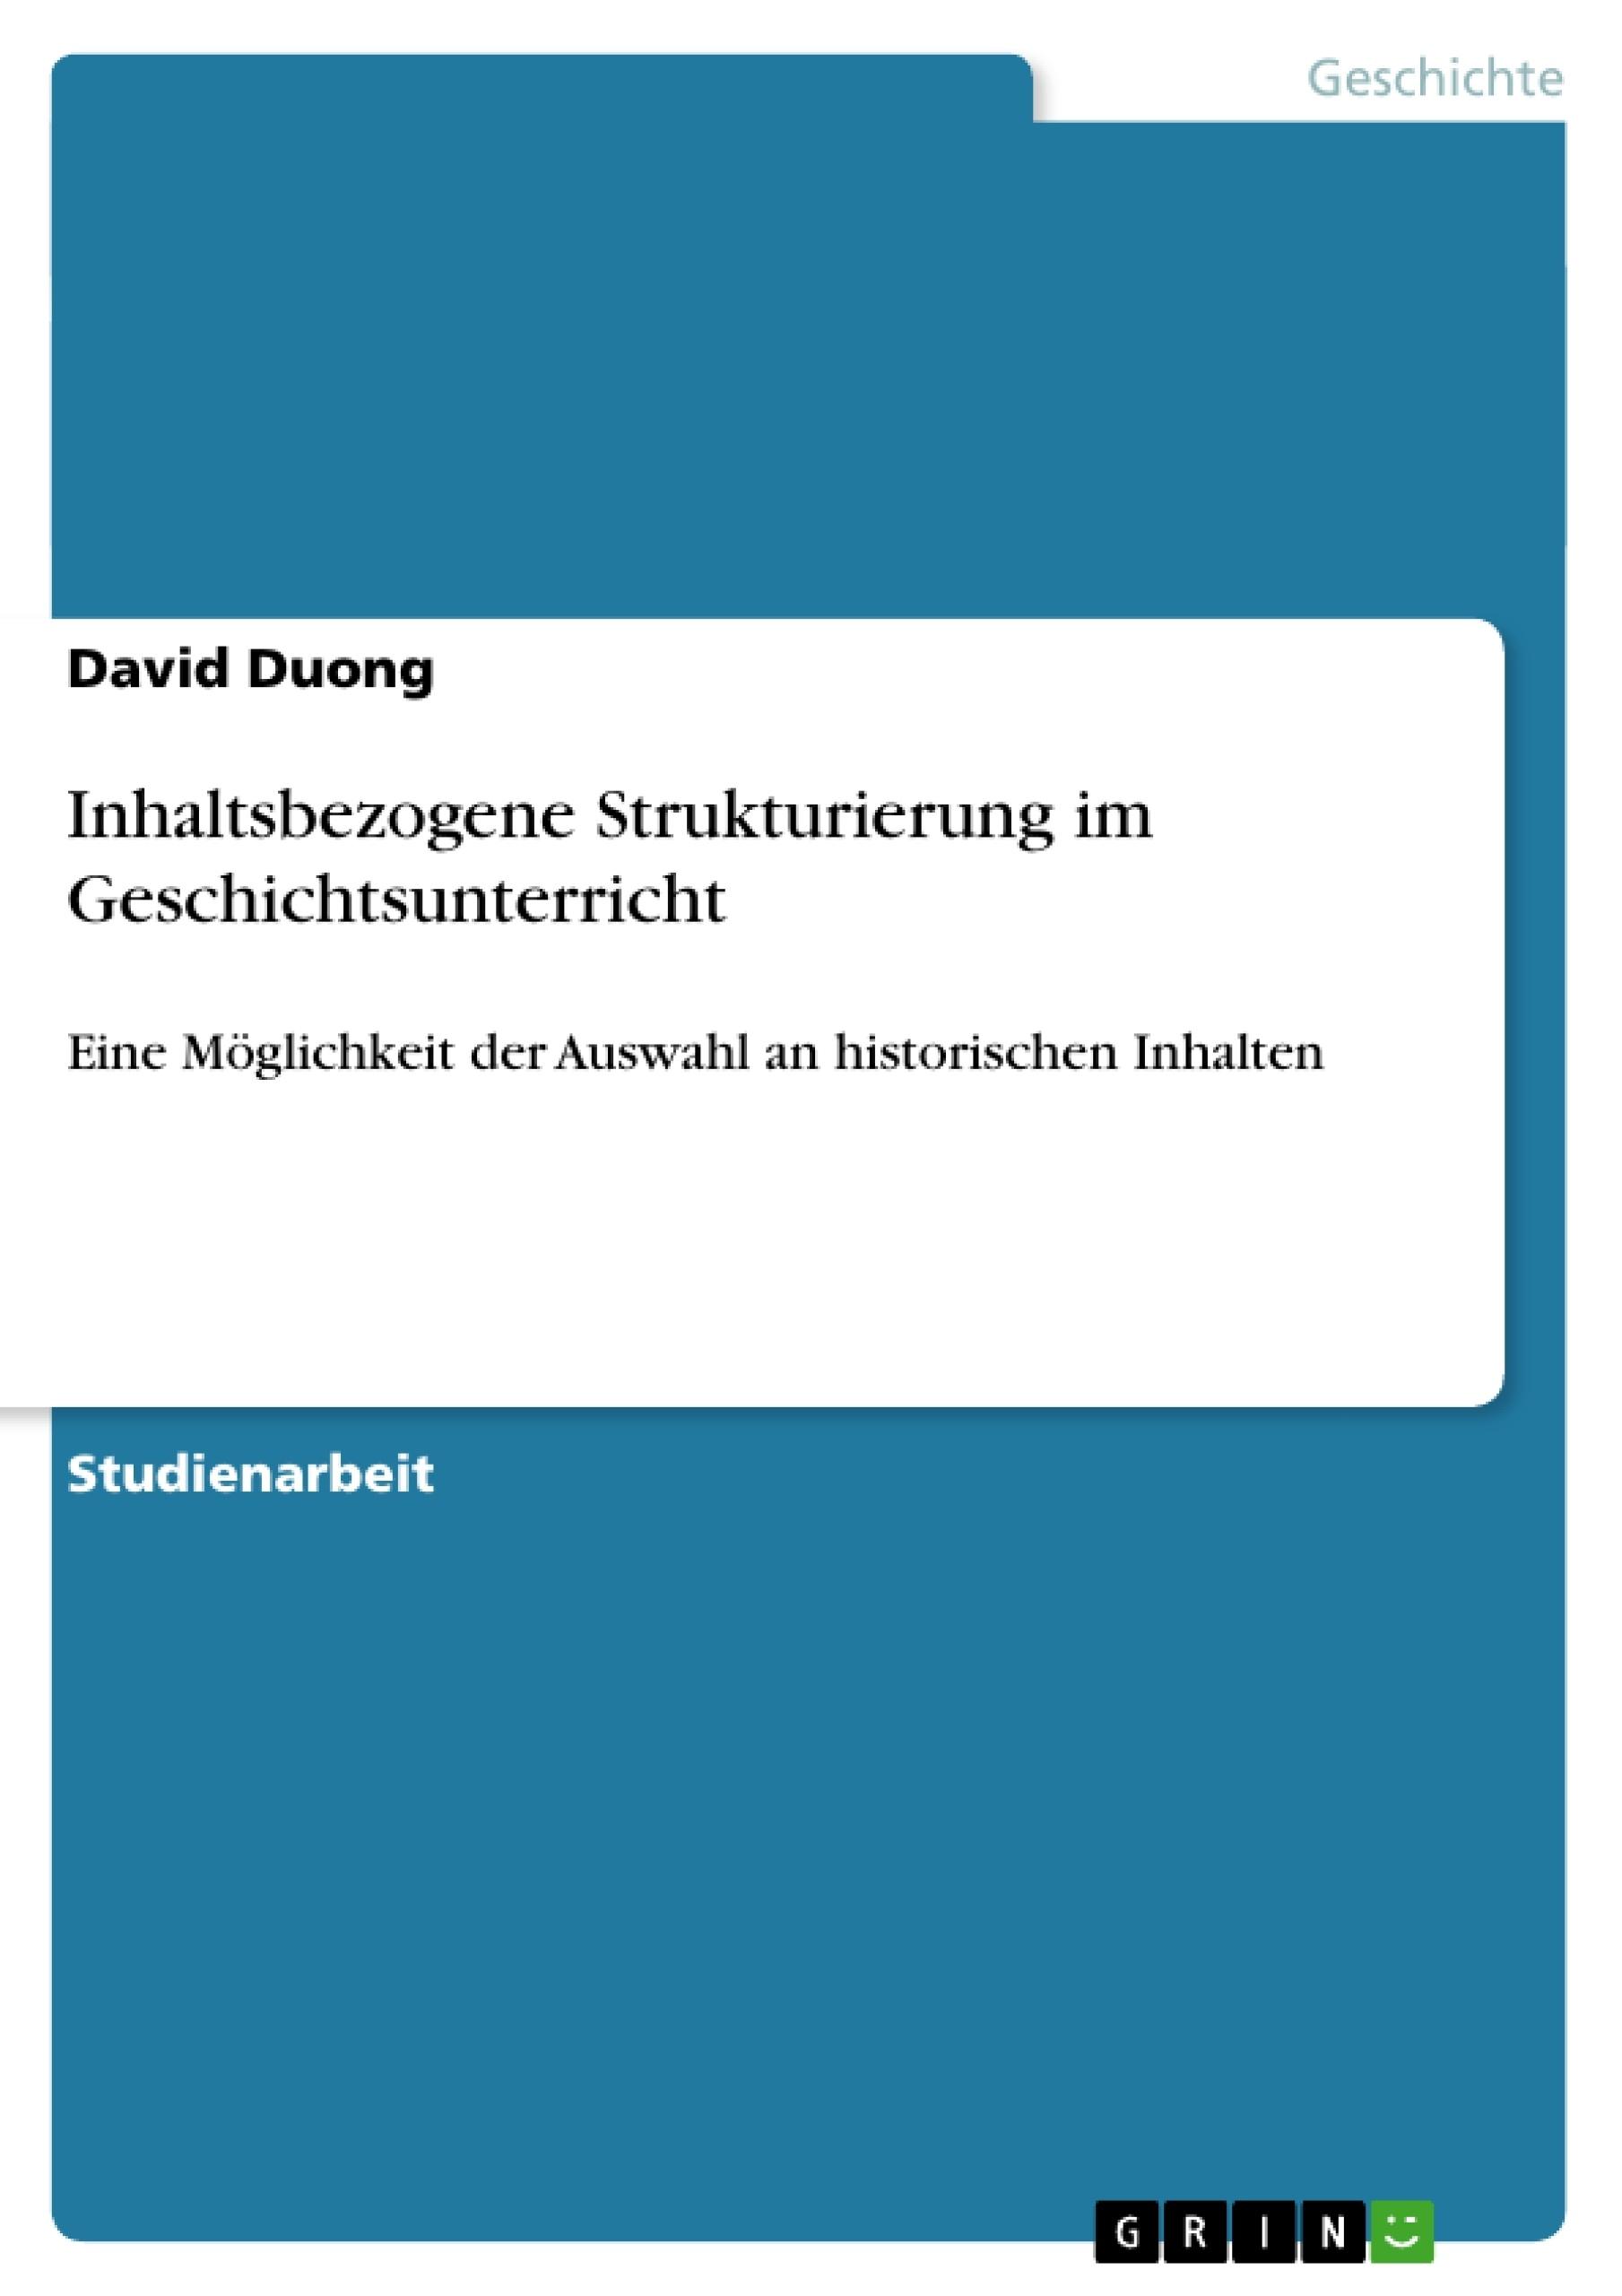 Titel: Inhaltsbezogene Strukturierung im Geschichtsunterricht